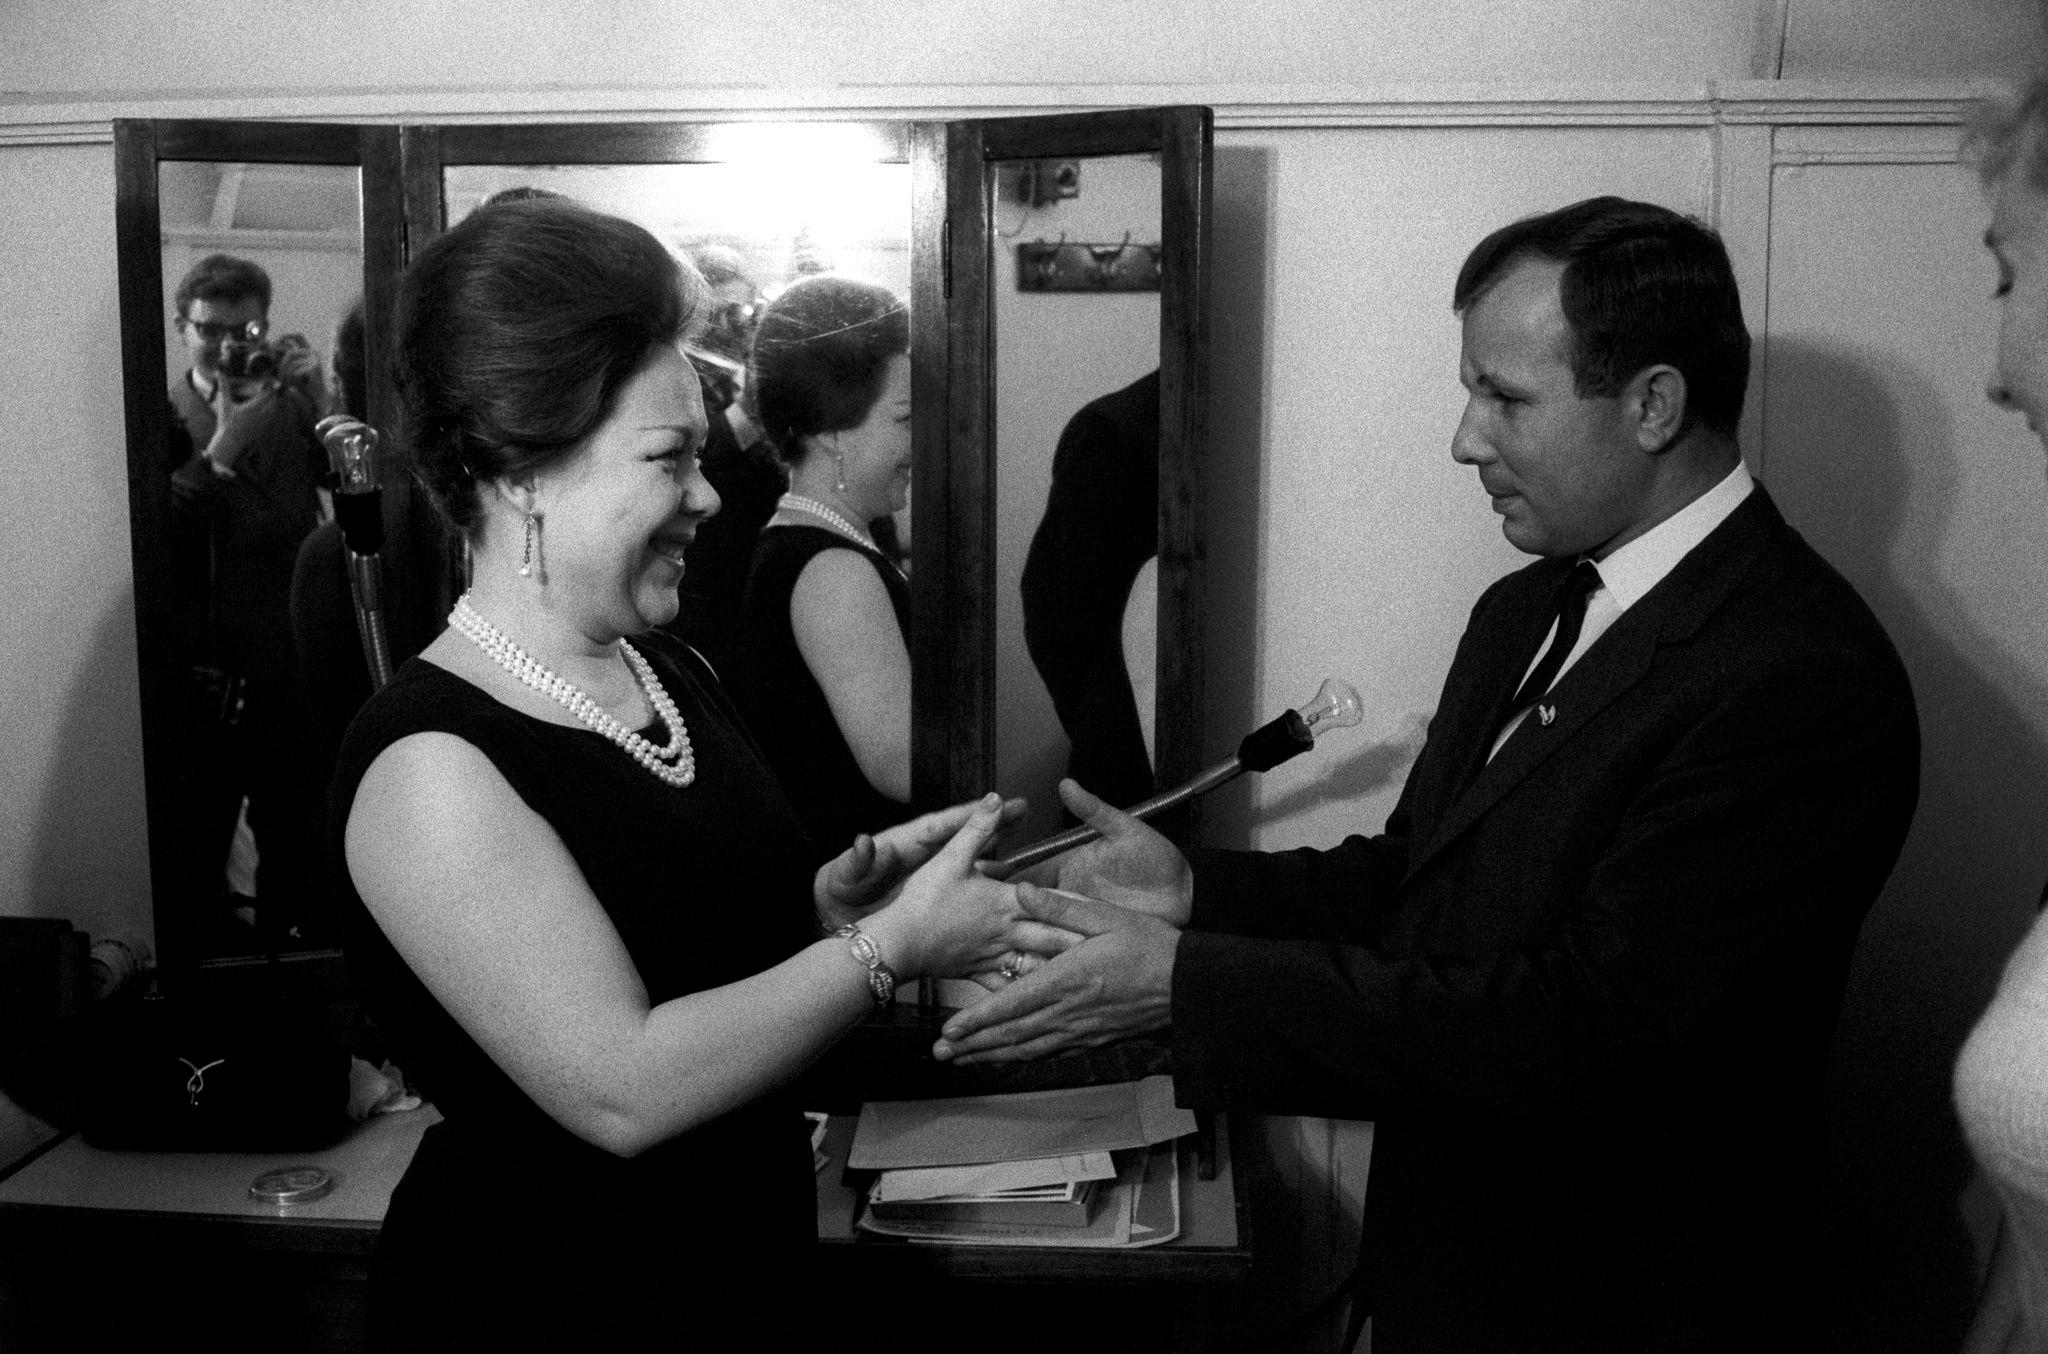 Юрий Гагарин поздравляет с итальянской сопрано Ренатой Скотто, которая выступала в «Турандоте». Большой театр.png